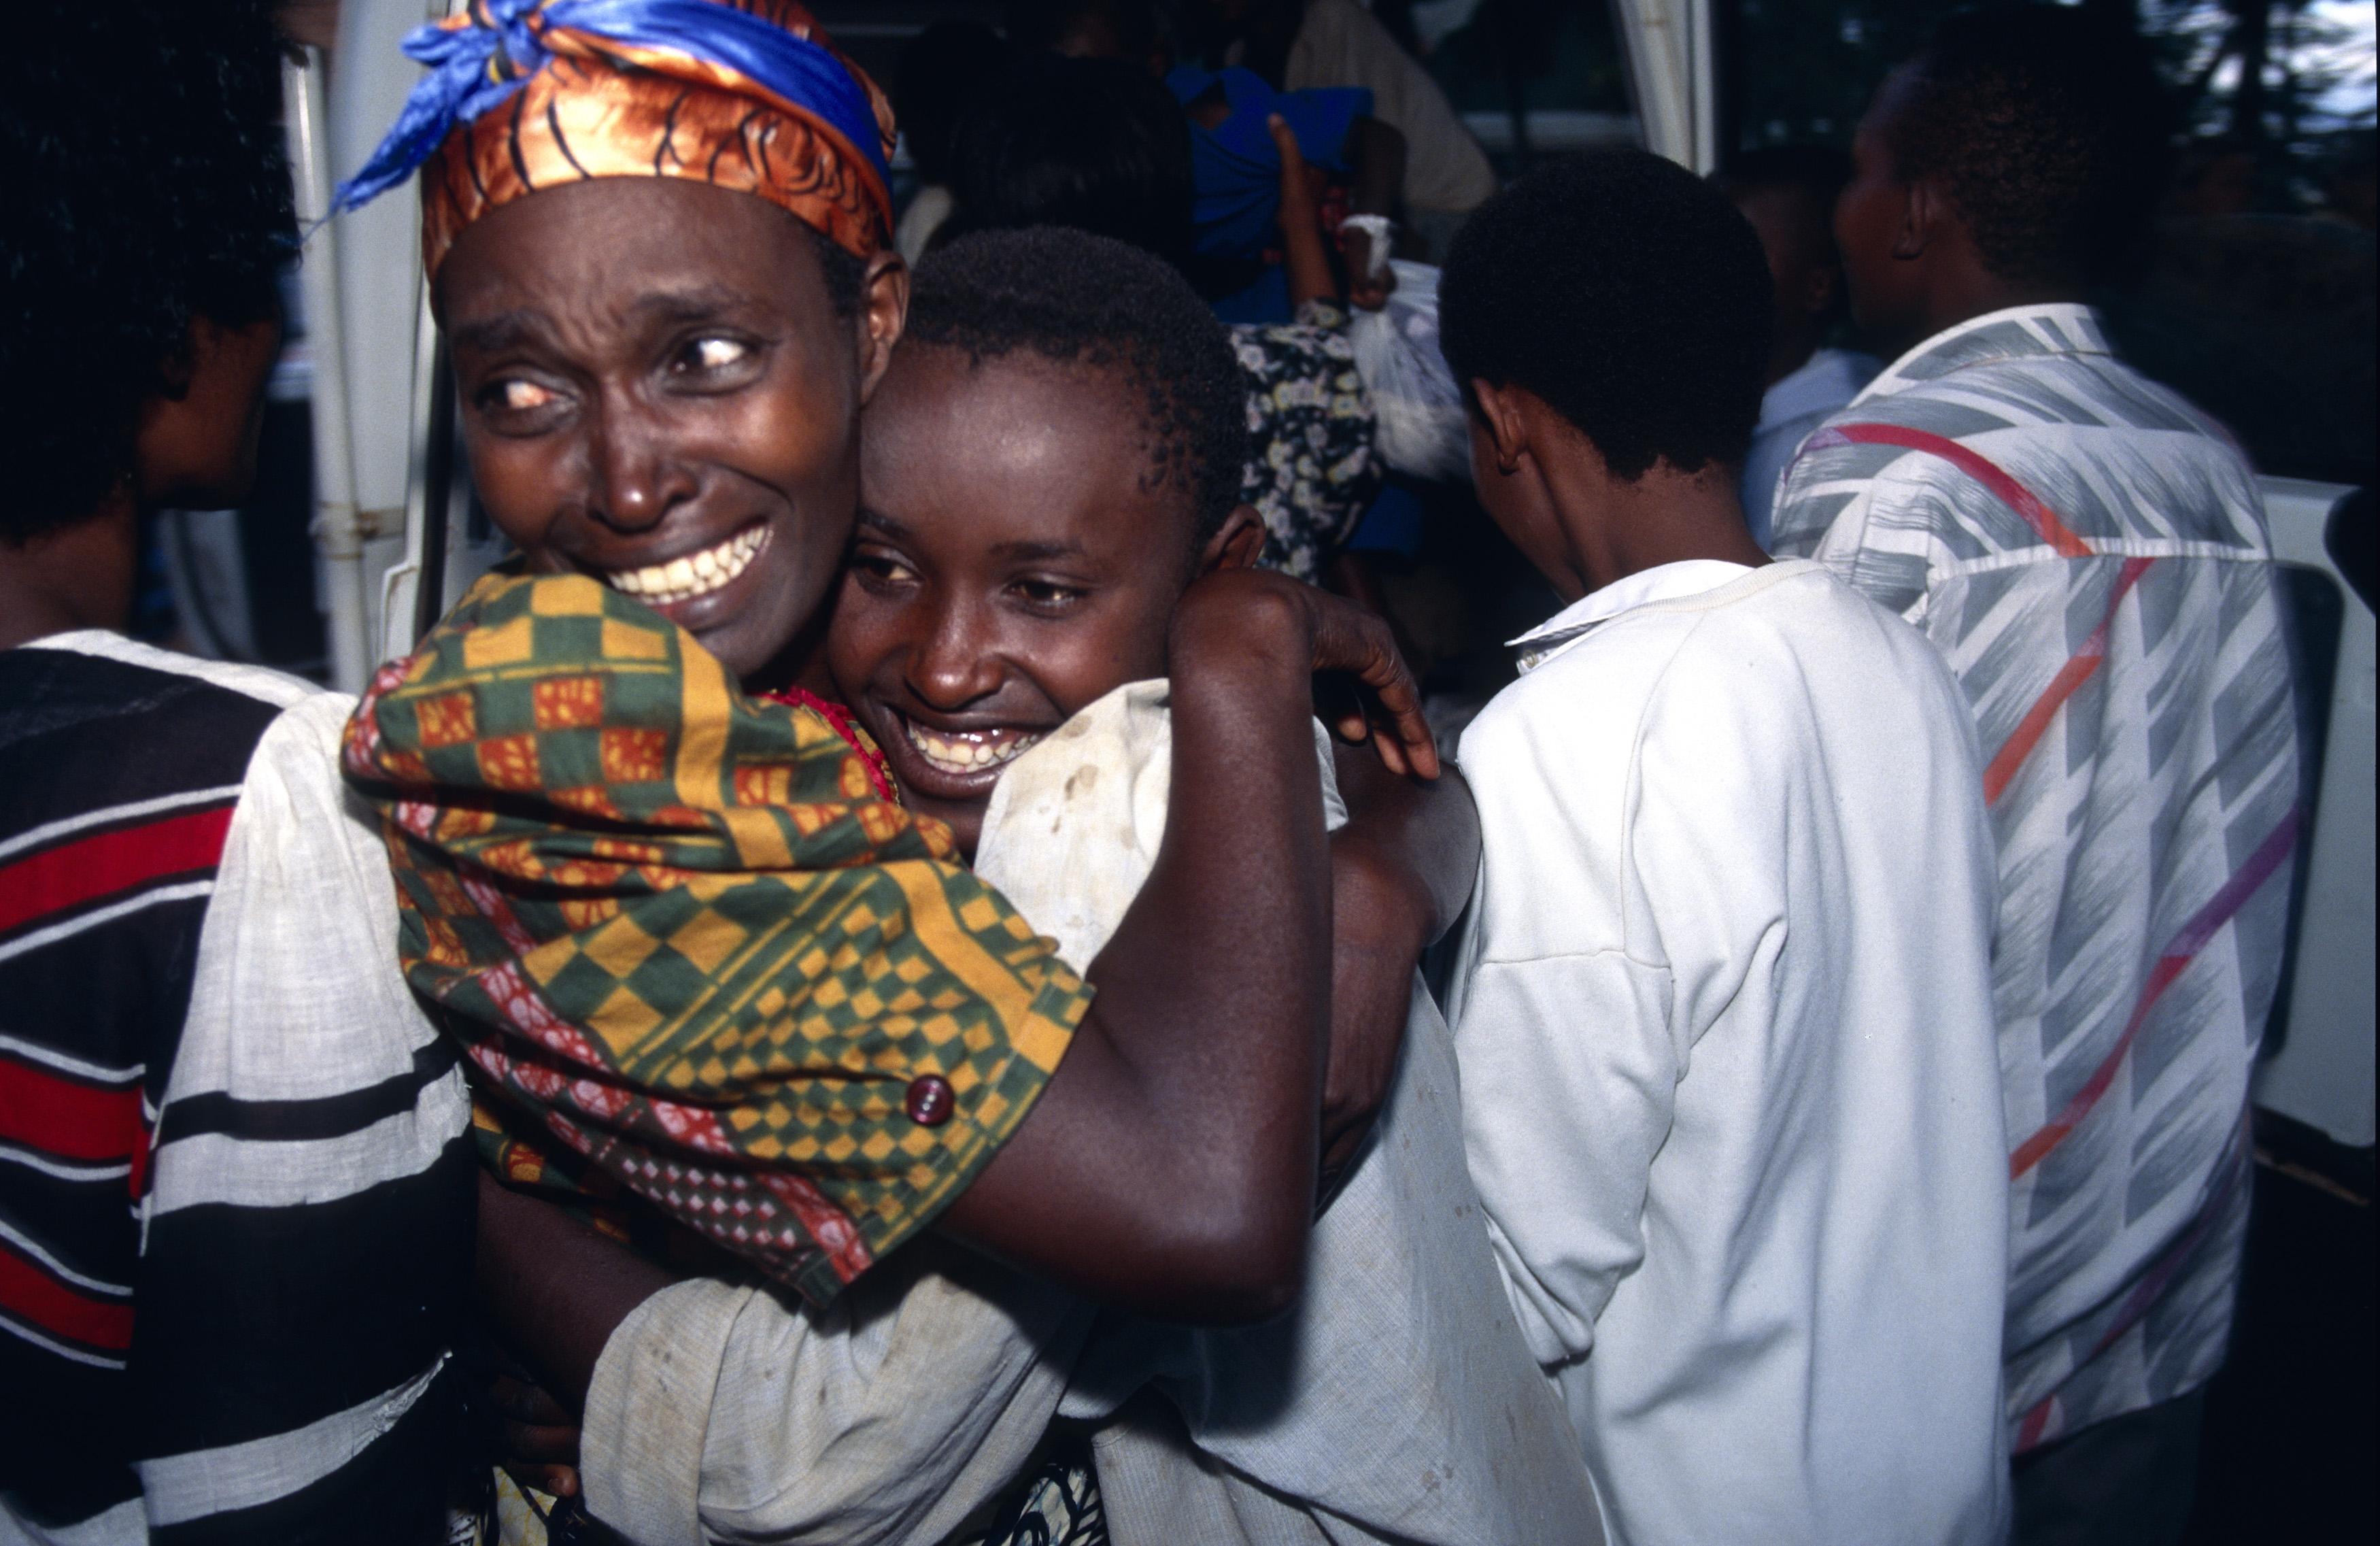 Kigali. Réunion de famille: étreintes de joie entre une femme et son enfant. Kigali. Family reunion under the aegis of the ICRC.